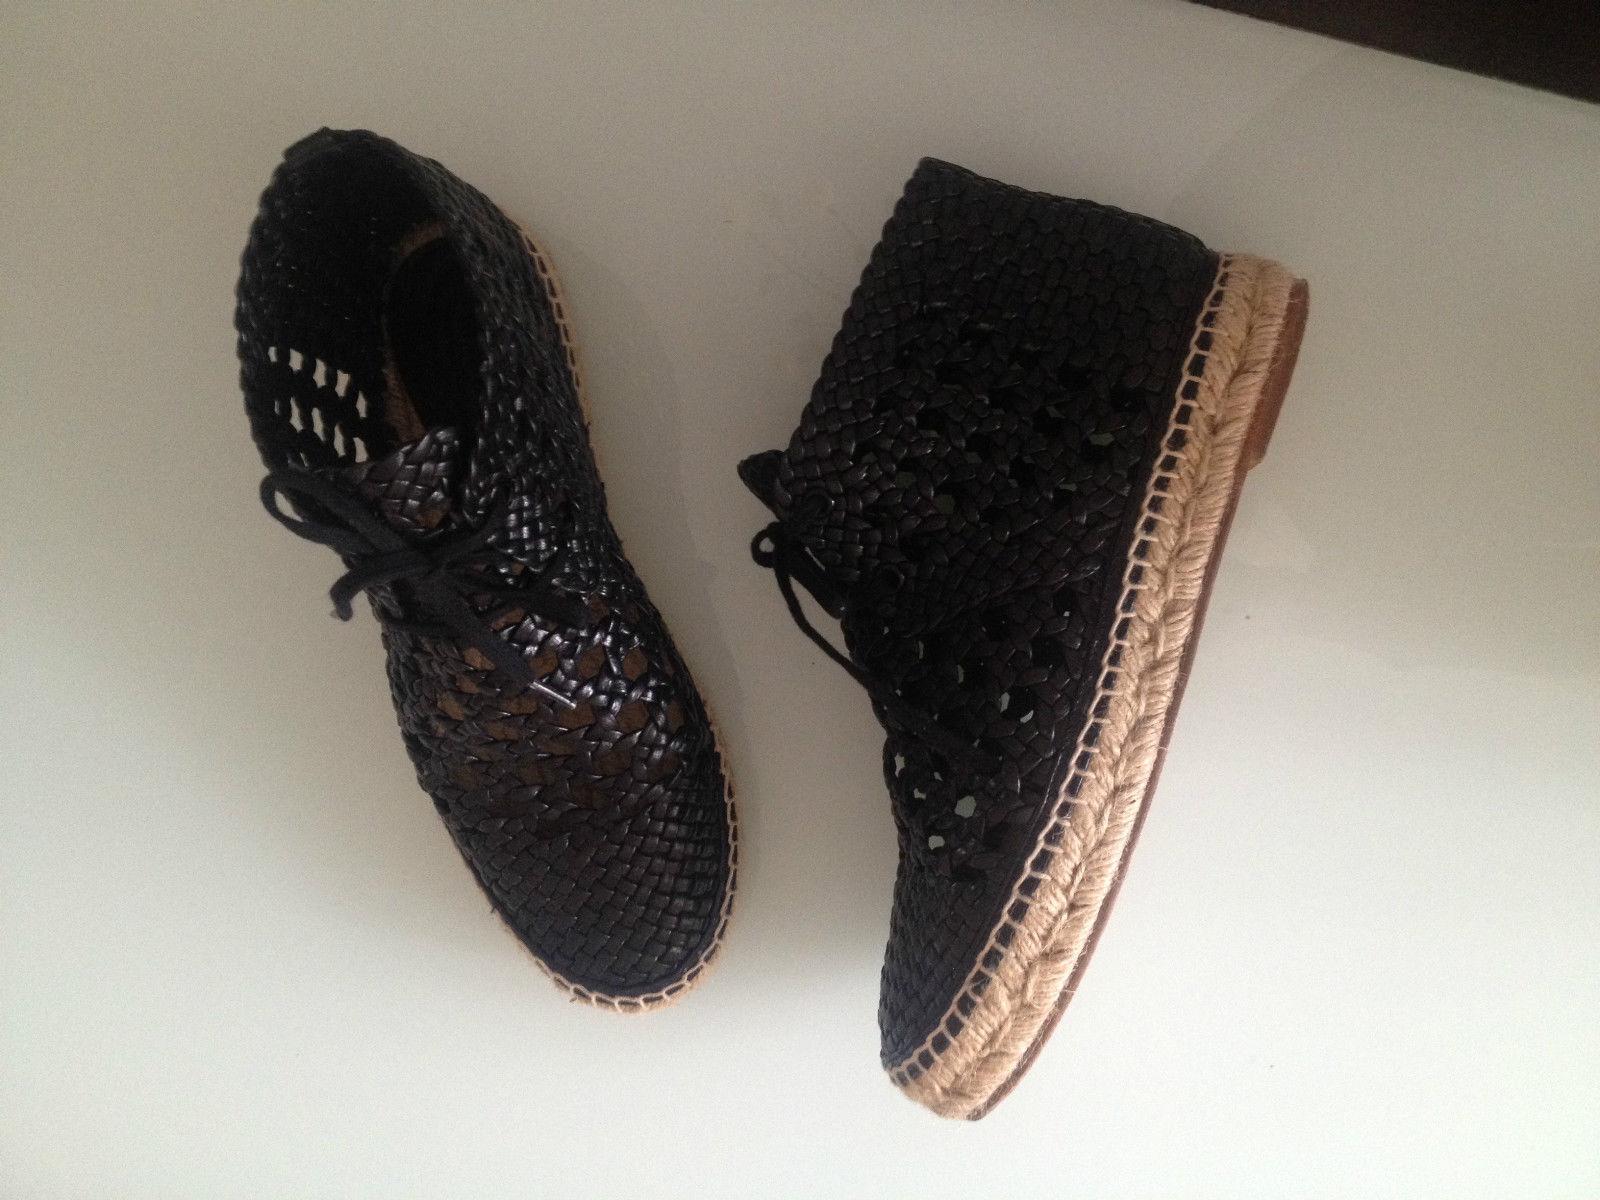 Celine Paris esparteñas esparteñas esparteñas schnürzapatos arena todos los lujo negro de cuero talla 37 wneu  más vendido